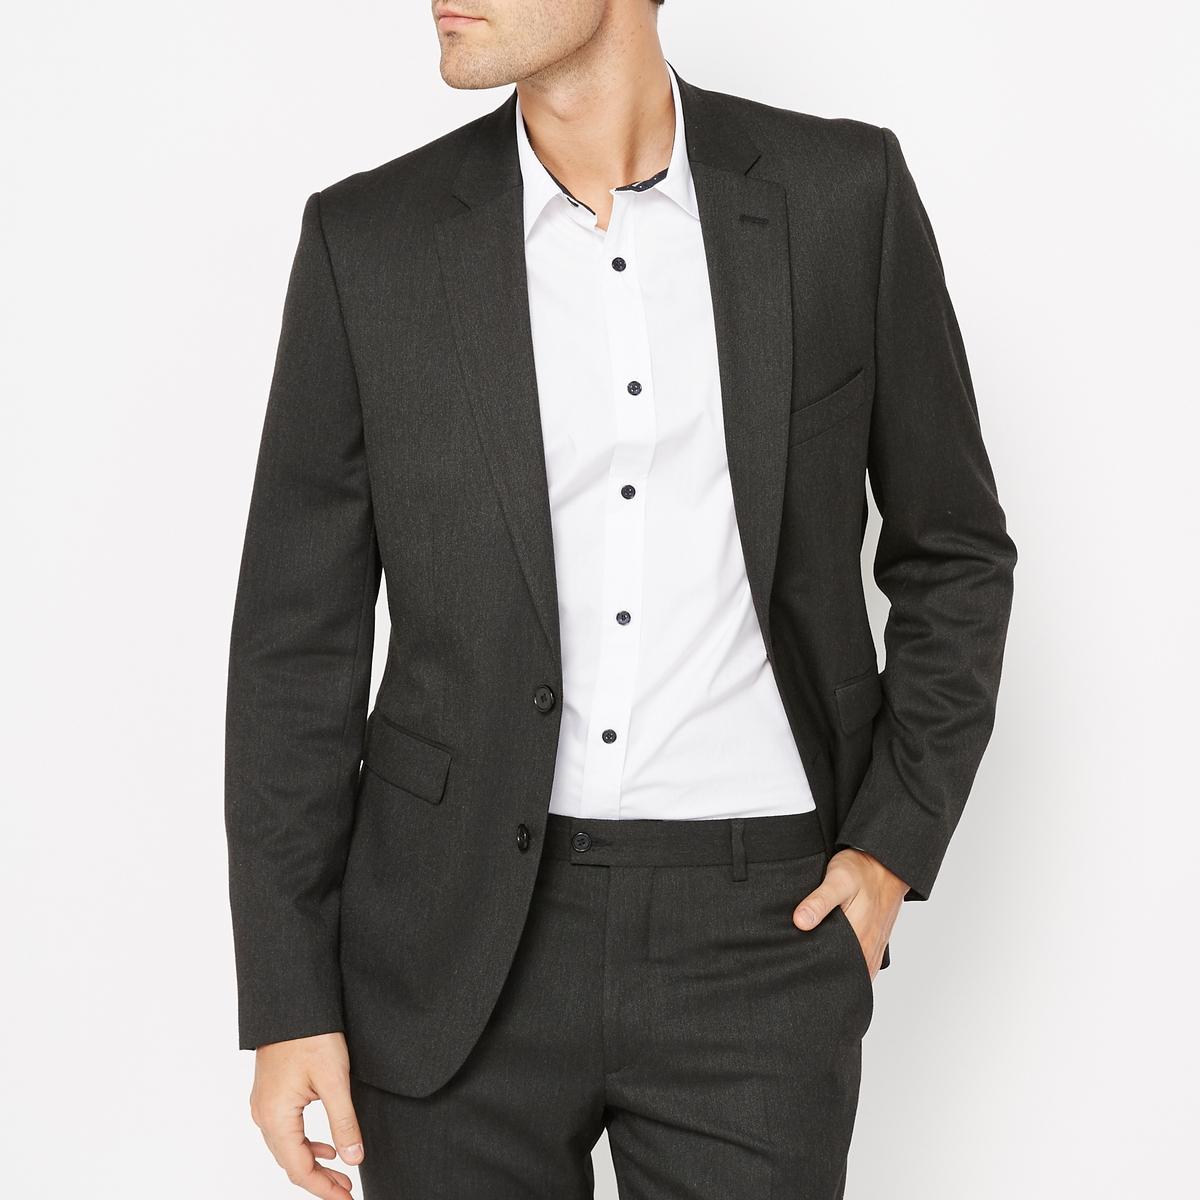 Пиджак костюмный, узкий покрой